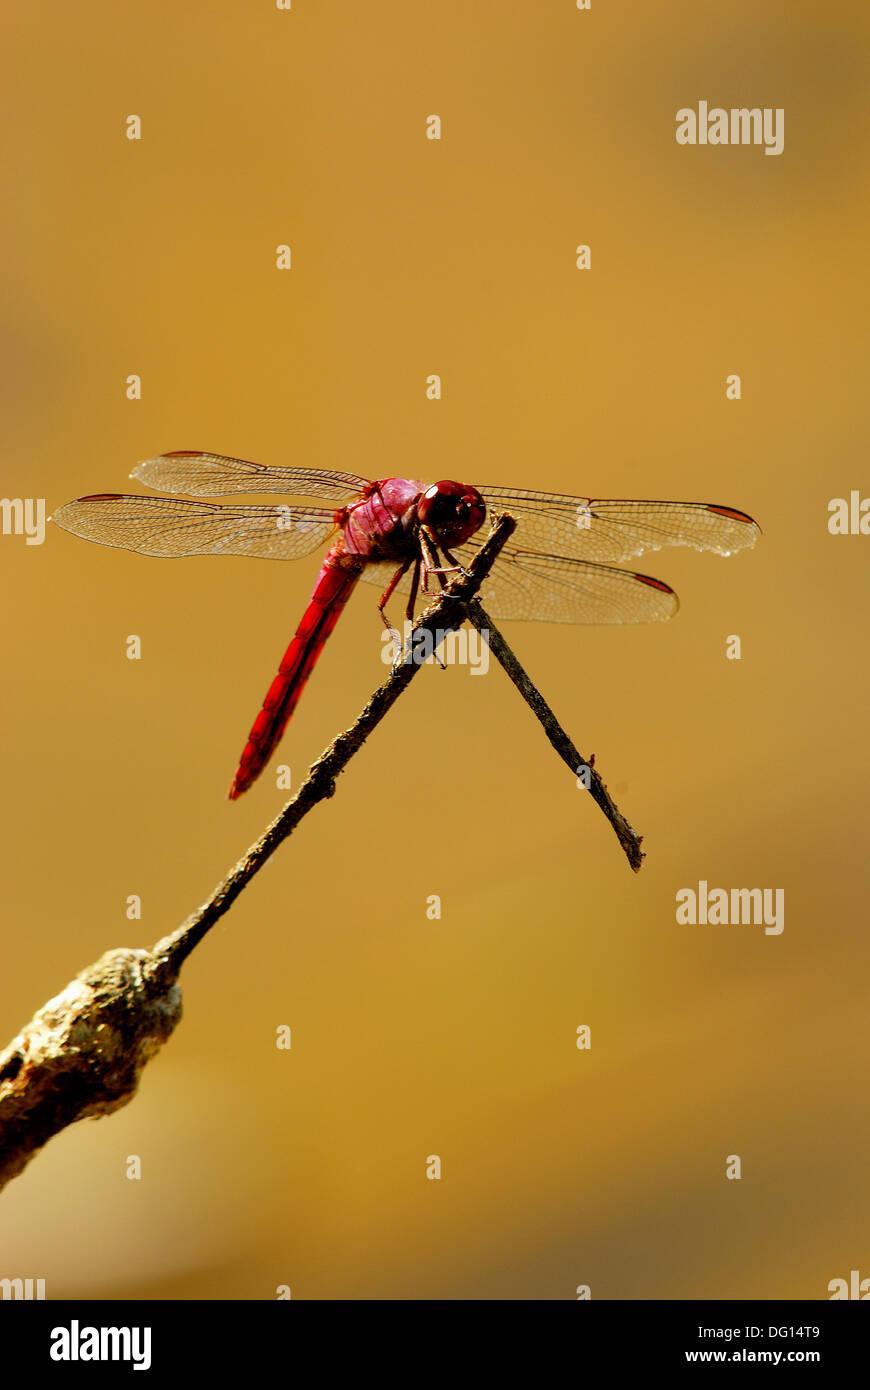 Charmant Libelle Färbung Seite Fotos - Druckbare Malvorlagen ...